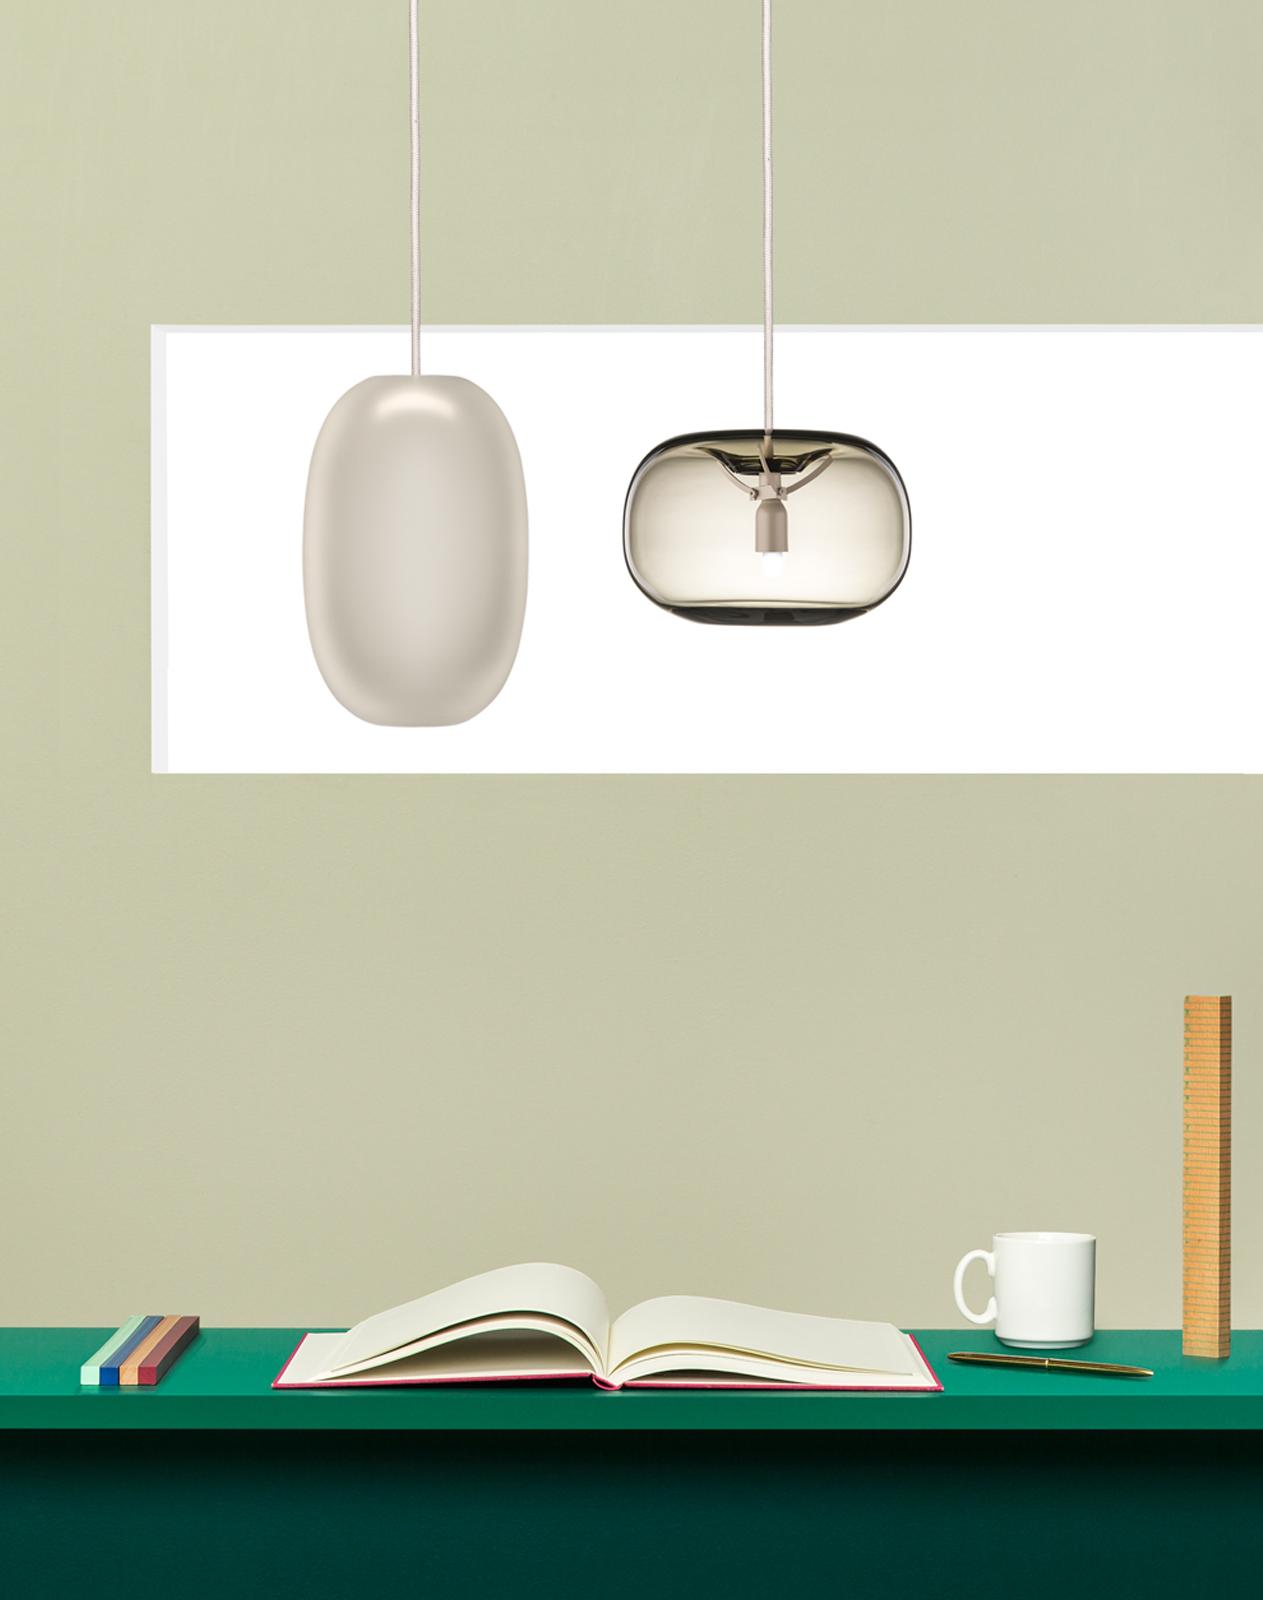 lampara-vintage-orsjo-lighting-collection-1